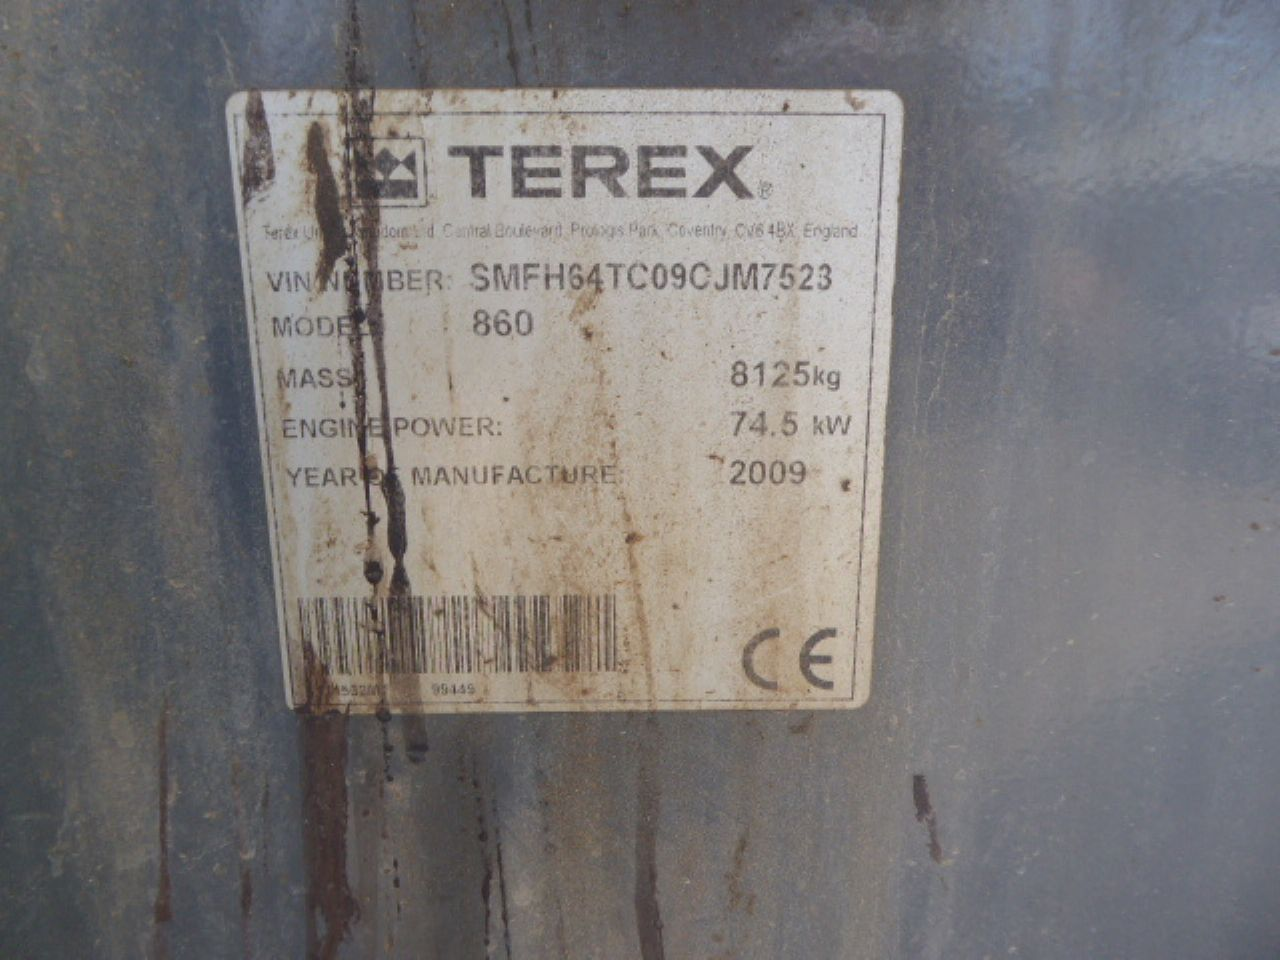 TEREX 860 ELITE SPECIAL EDITION BACKHOE LOADER - Picture 5